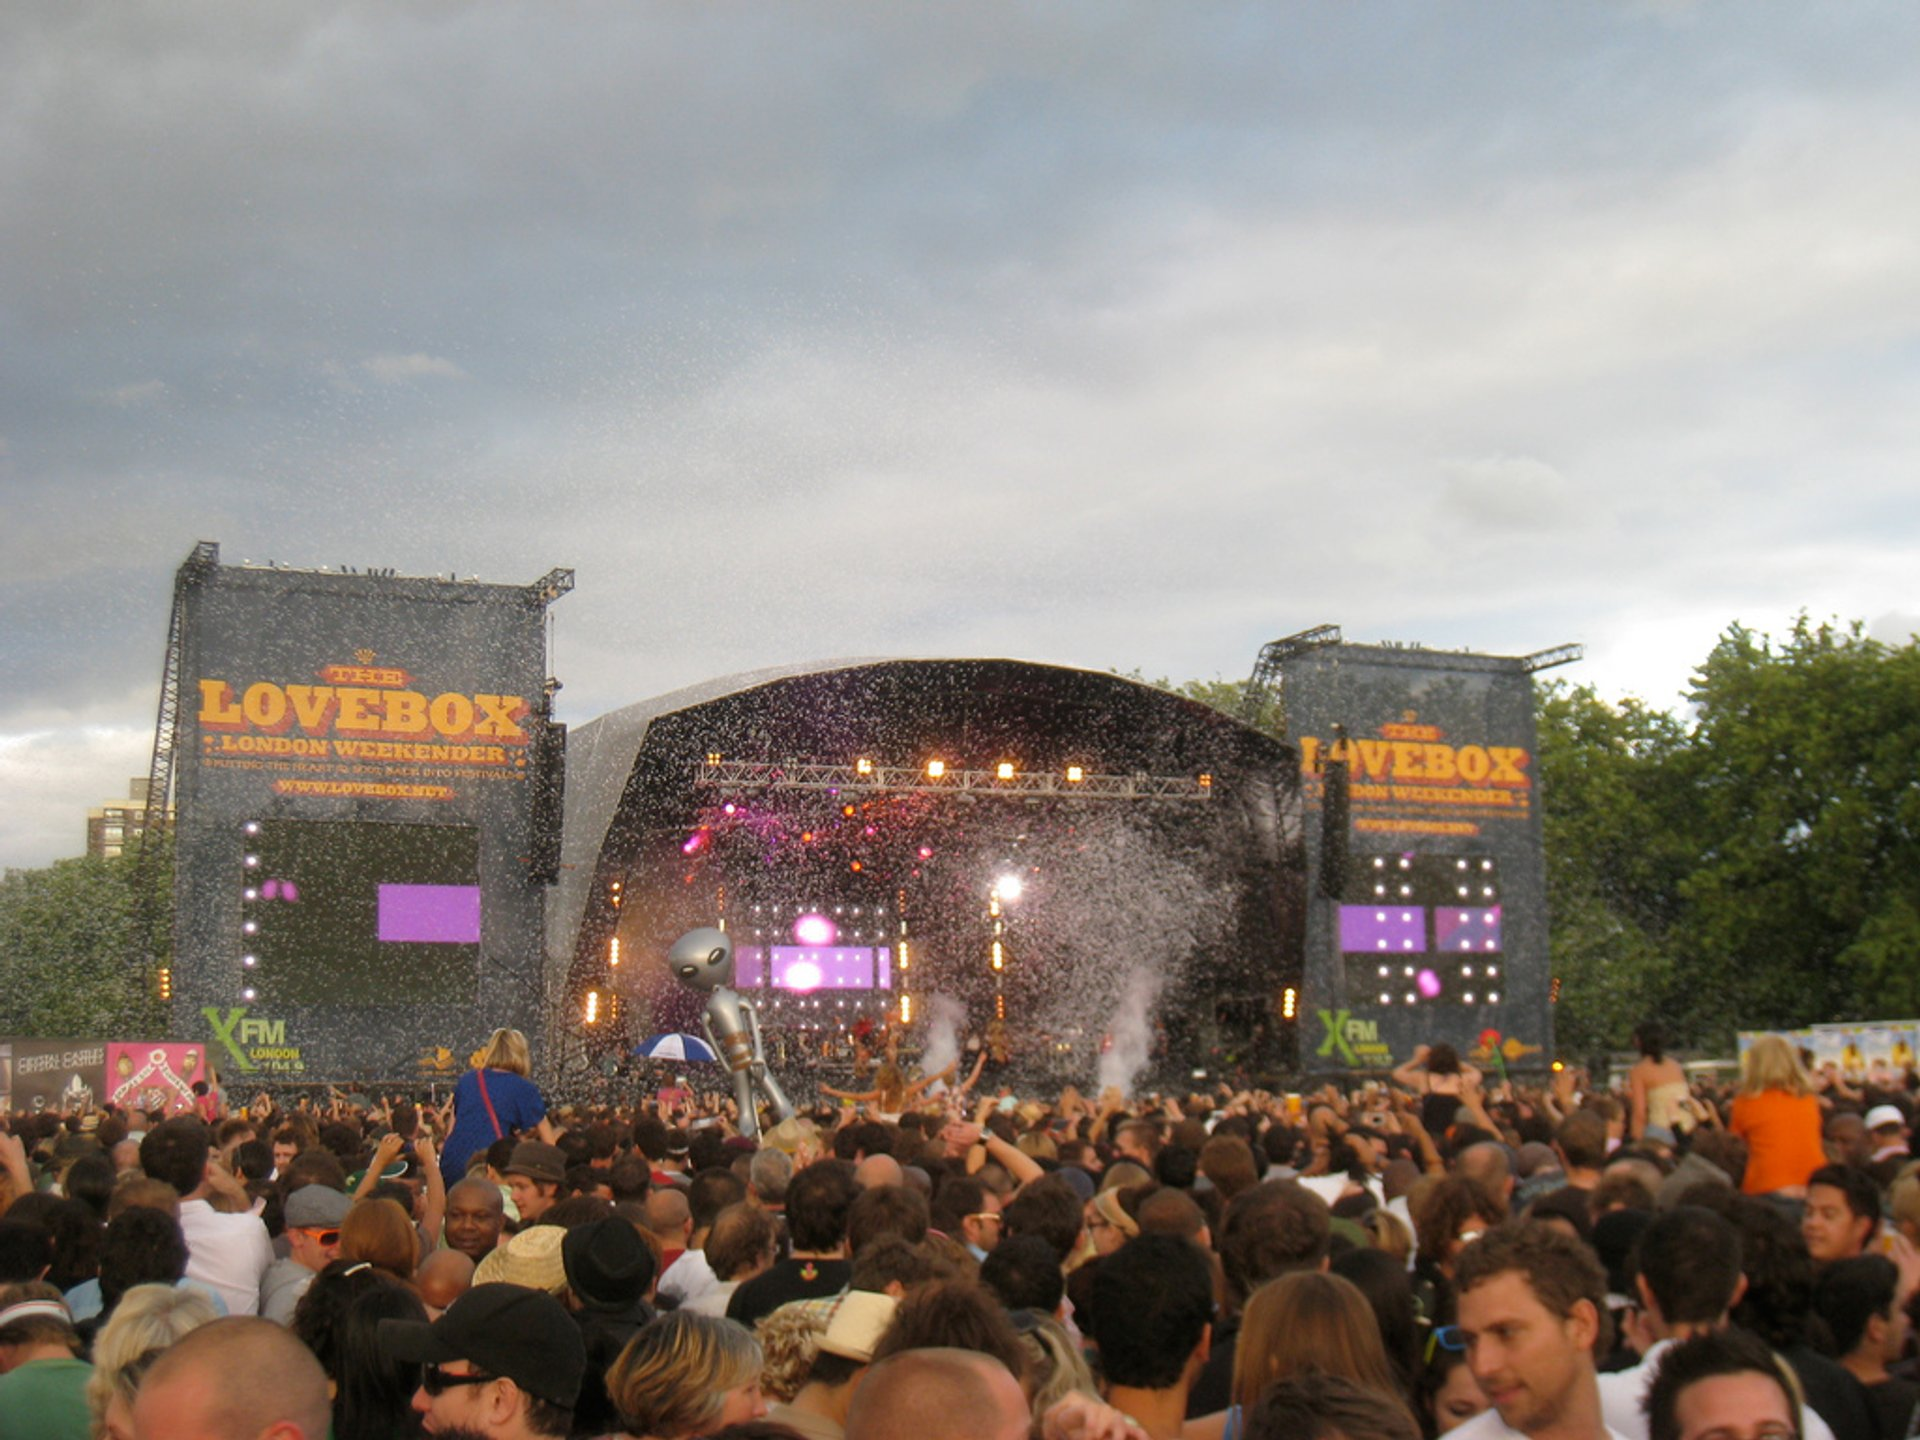 Lovebox Festival in London - Best Season 2020